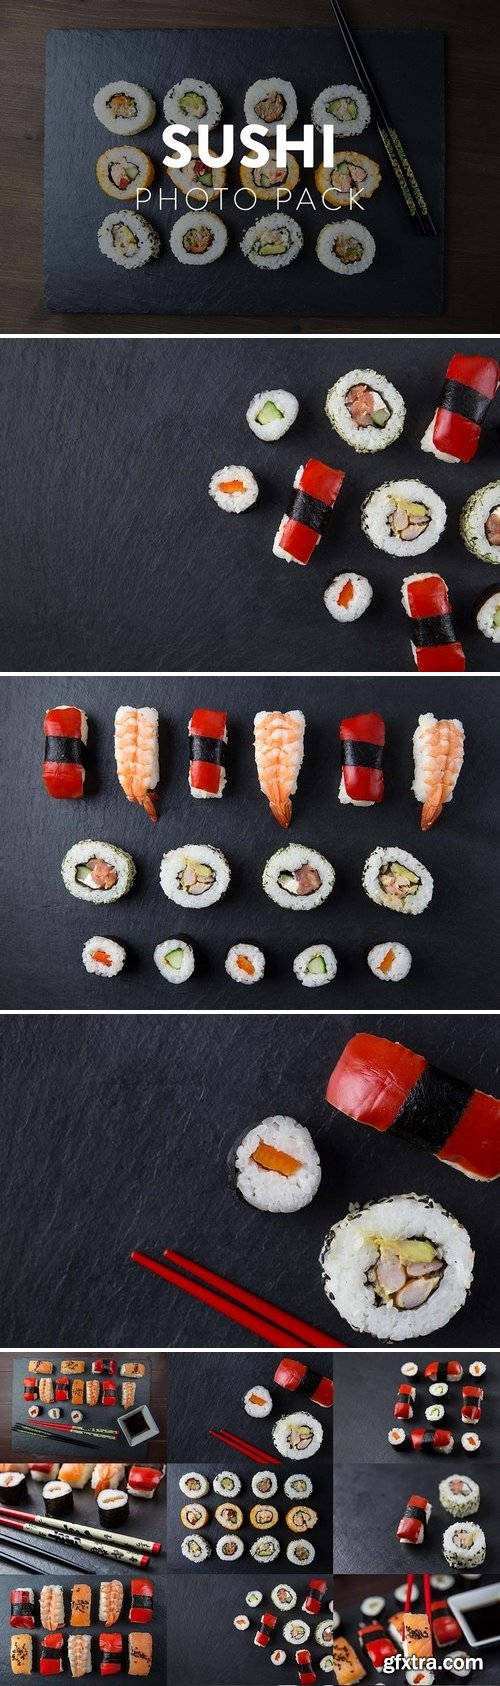 CM - Sushi Photo Pack 556823